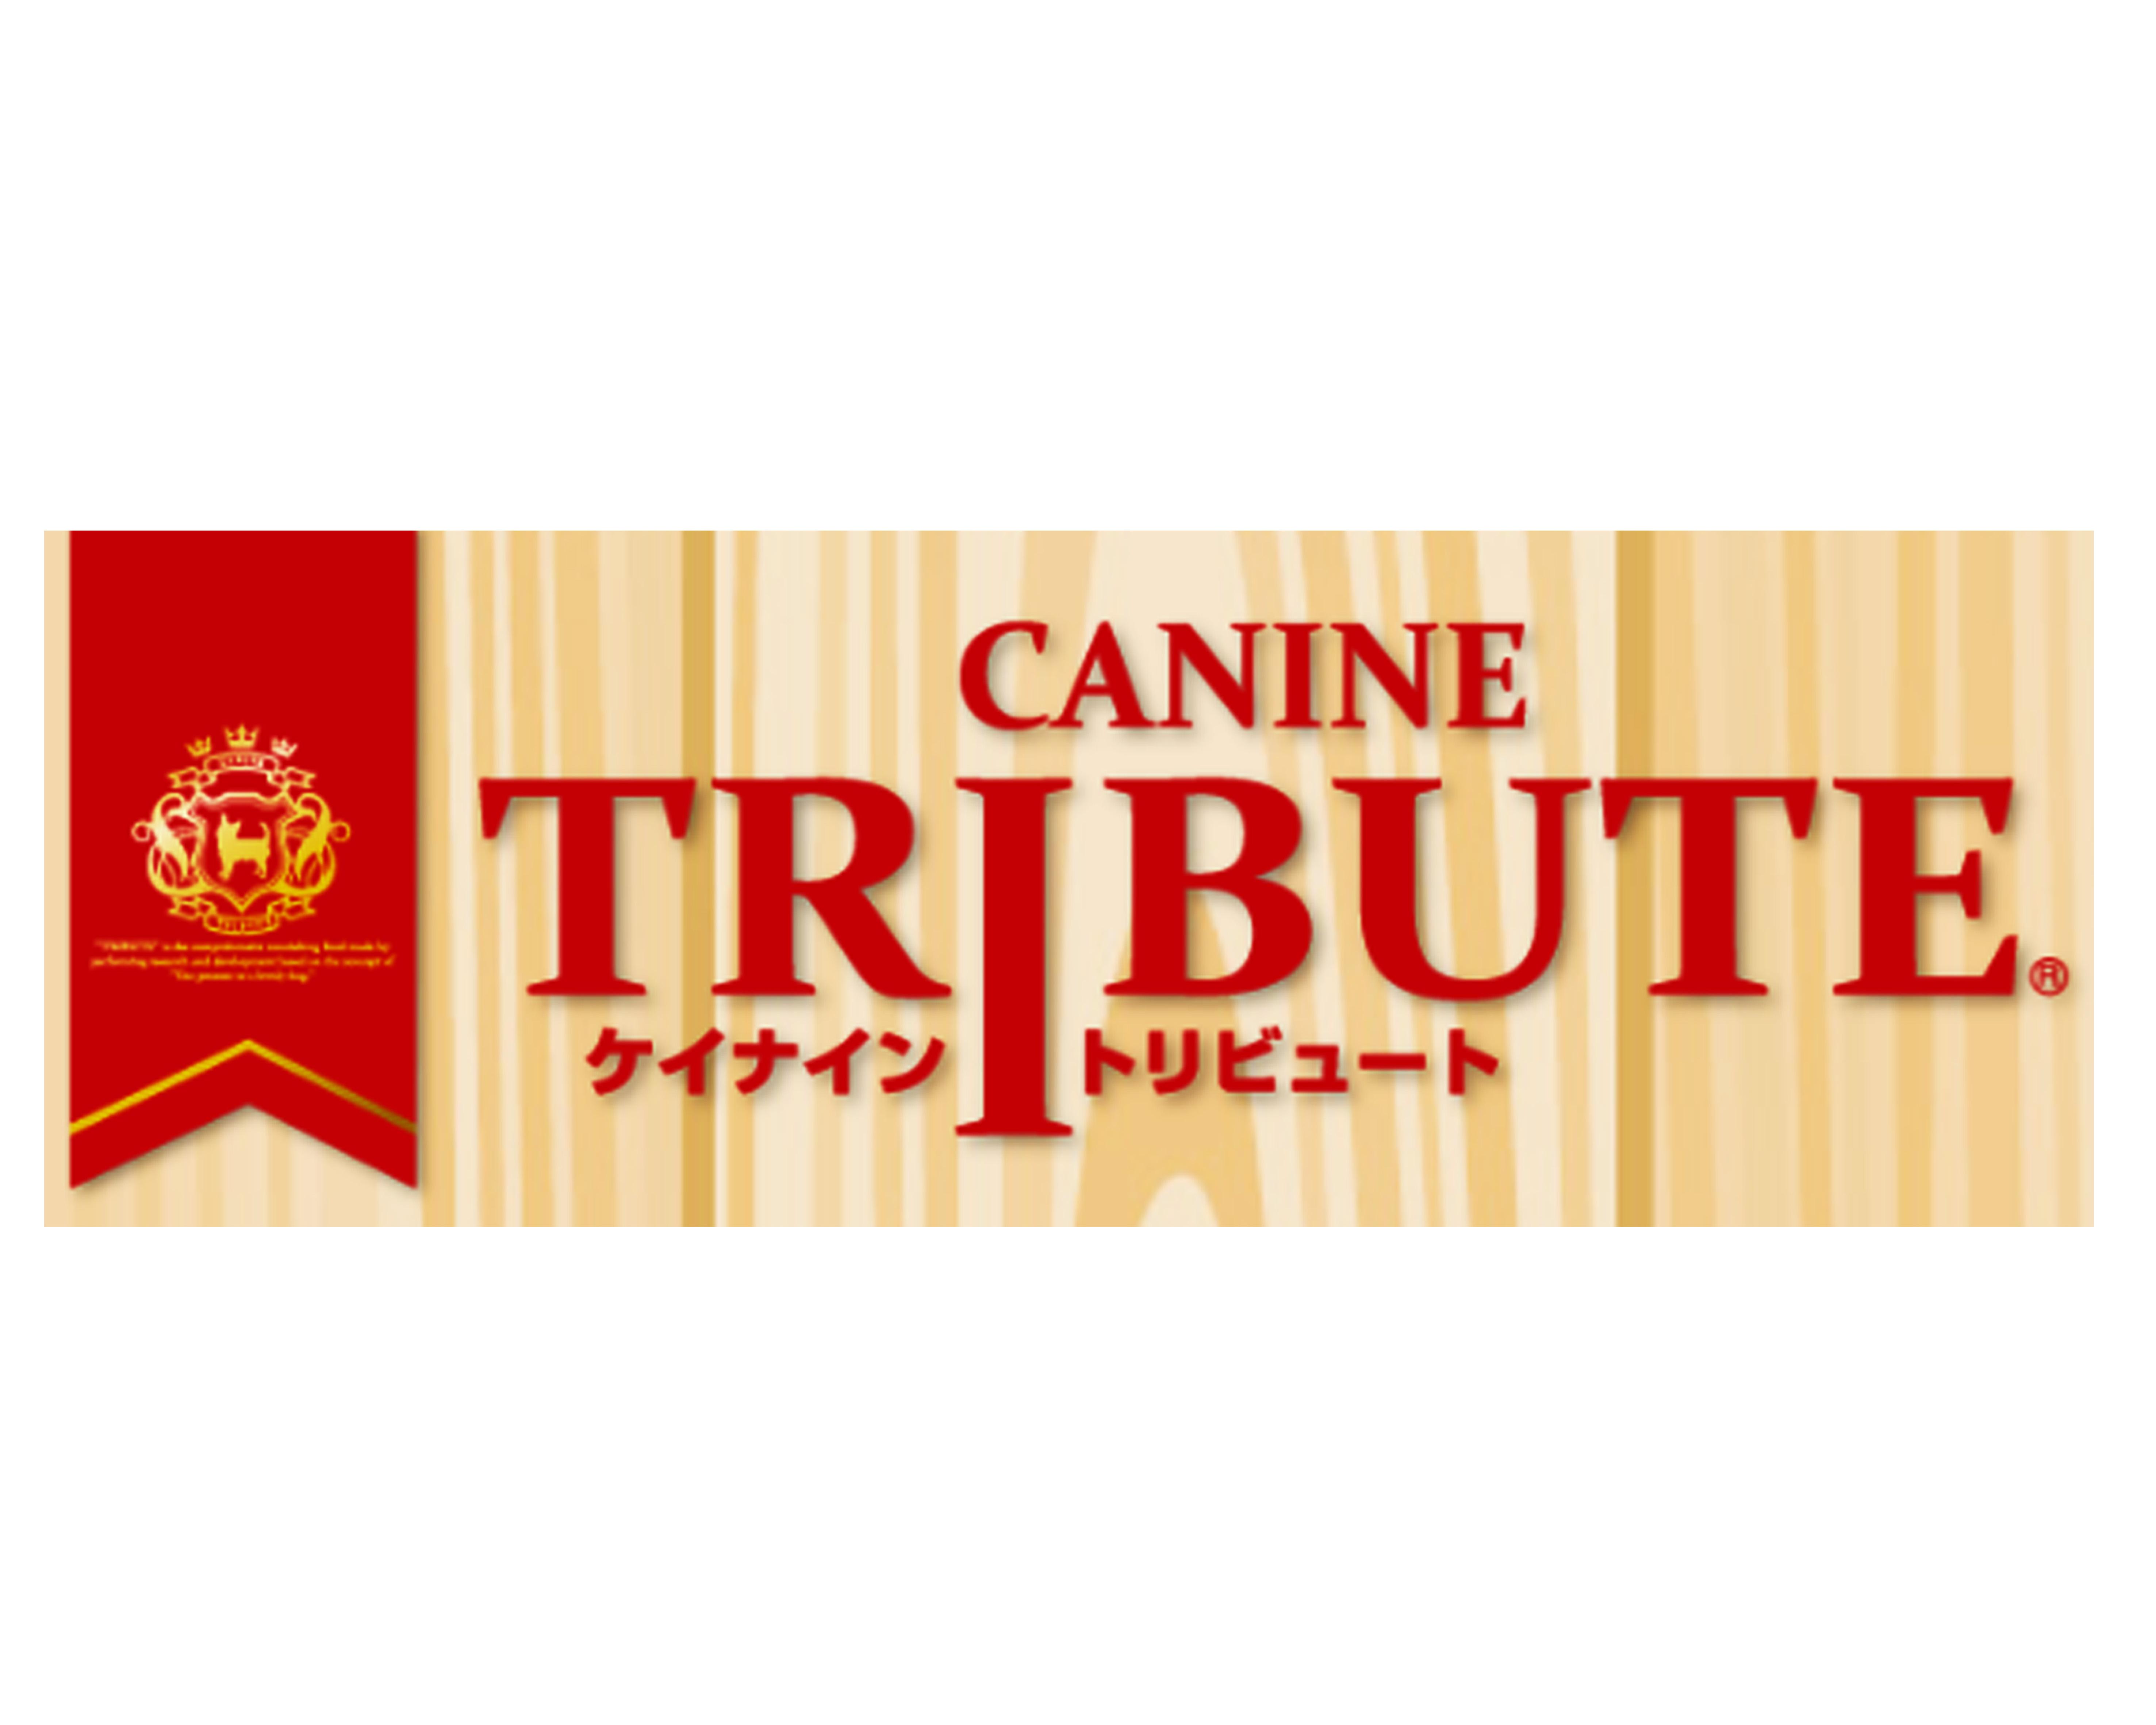 Canine_Tribute_2.jpg